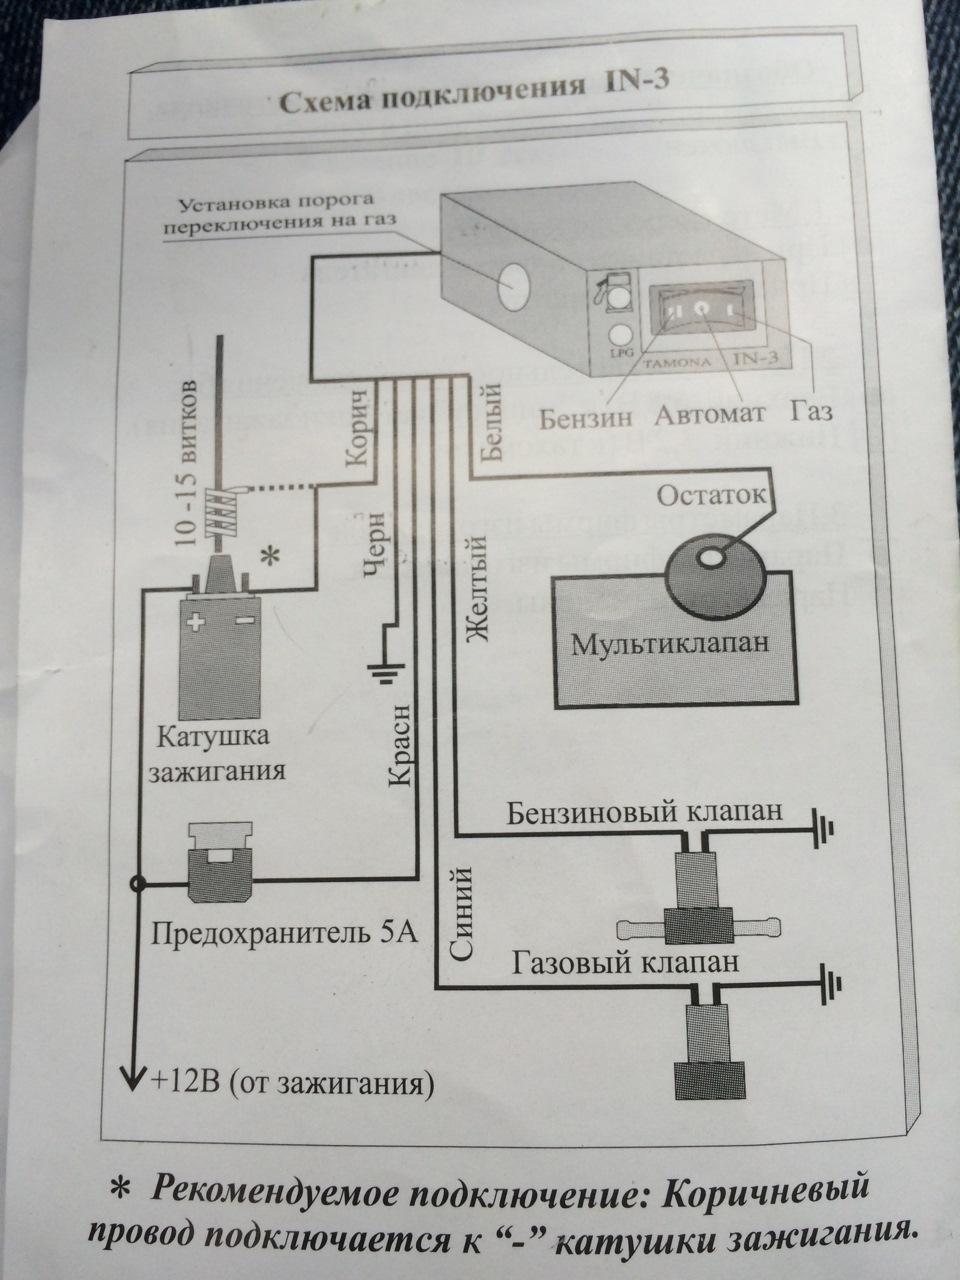 схема подключения кнопок переключения газ-бензин omv